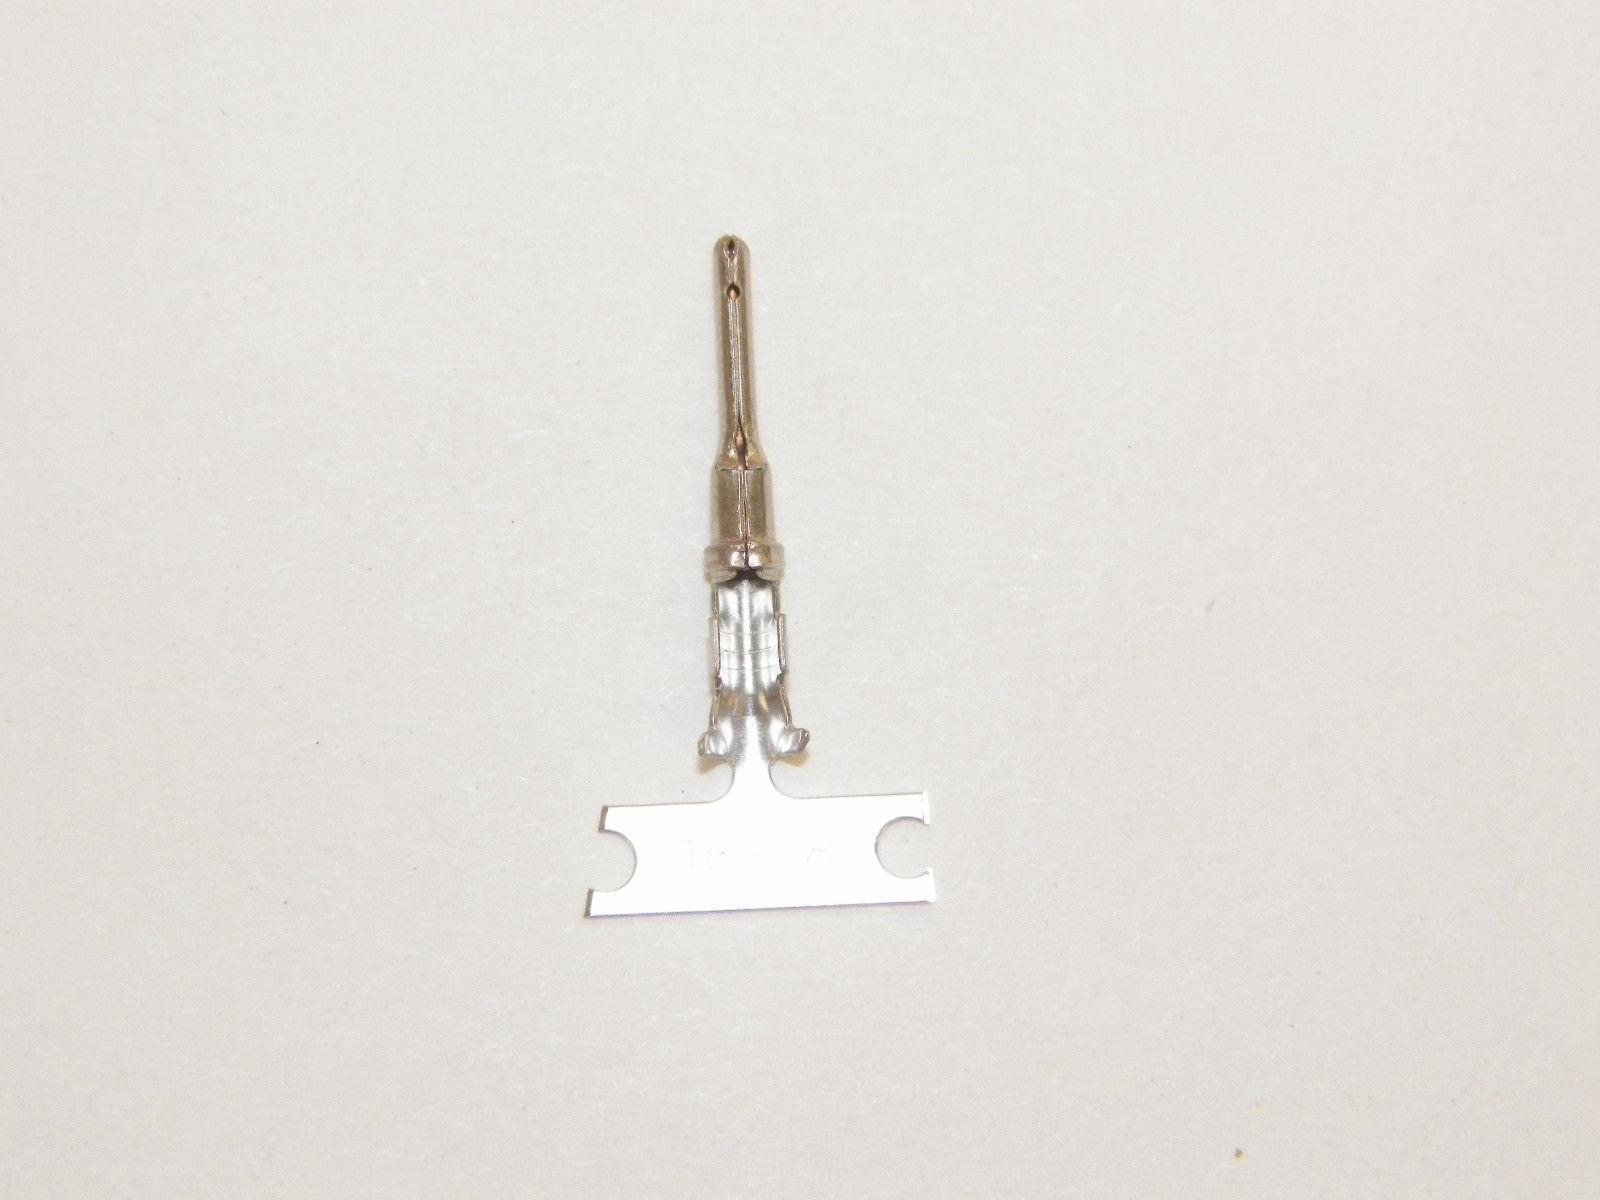 100 Deutsch #16 STAMPED 1060-16-0122 Terminals male PINS 16-18-20 ga wire